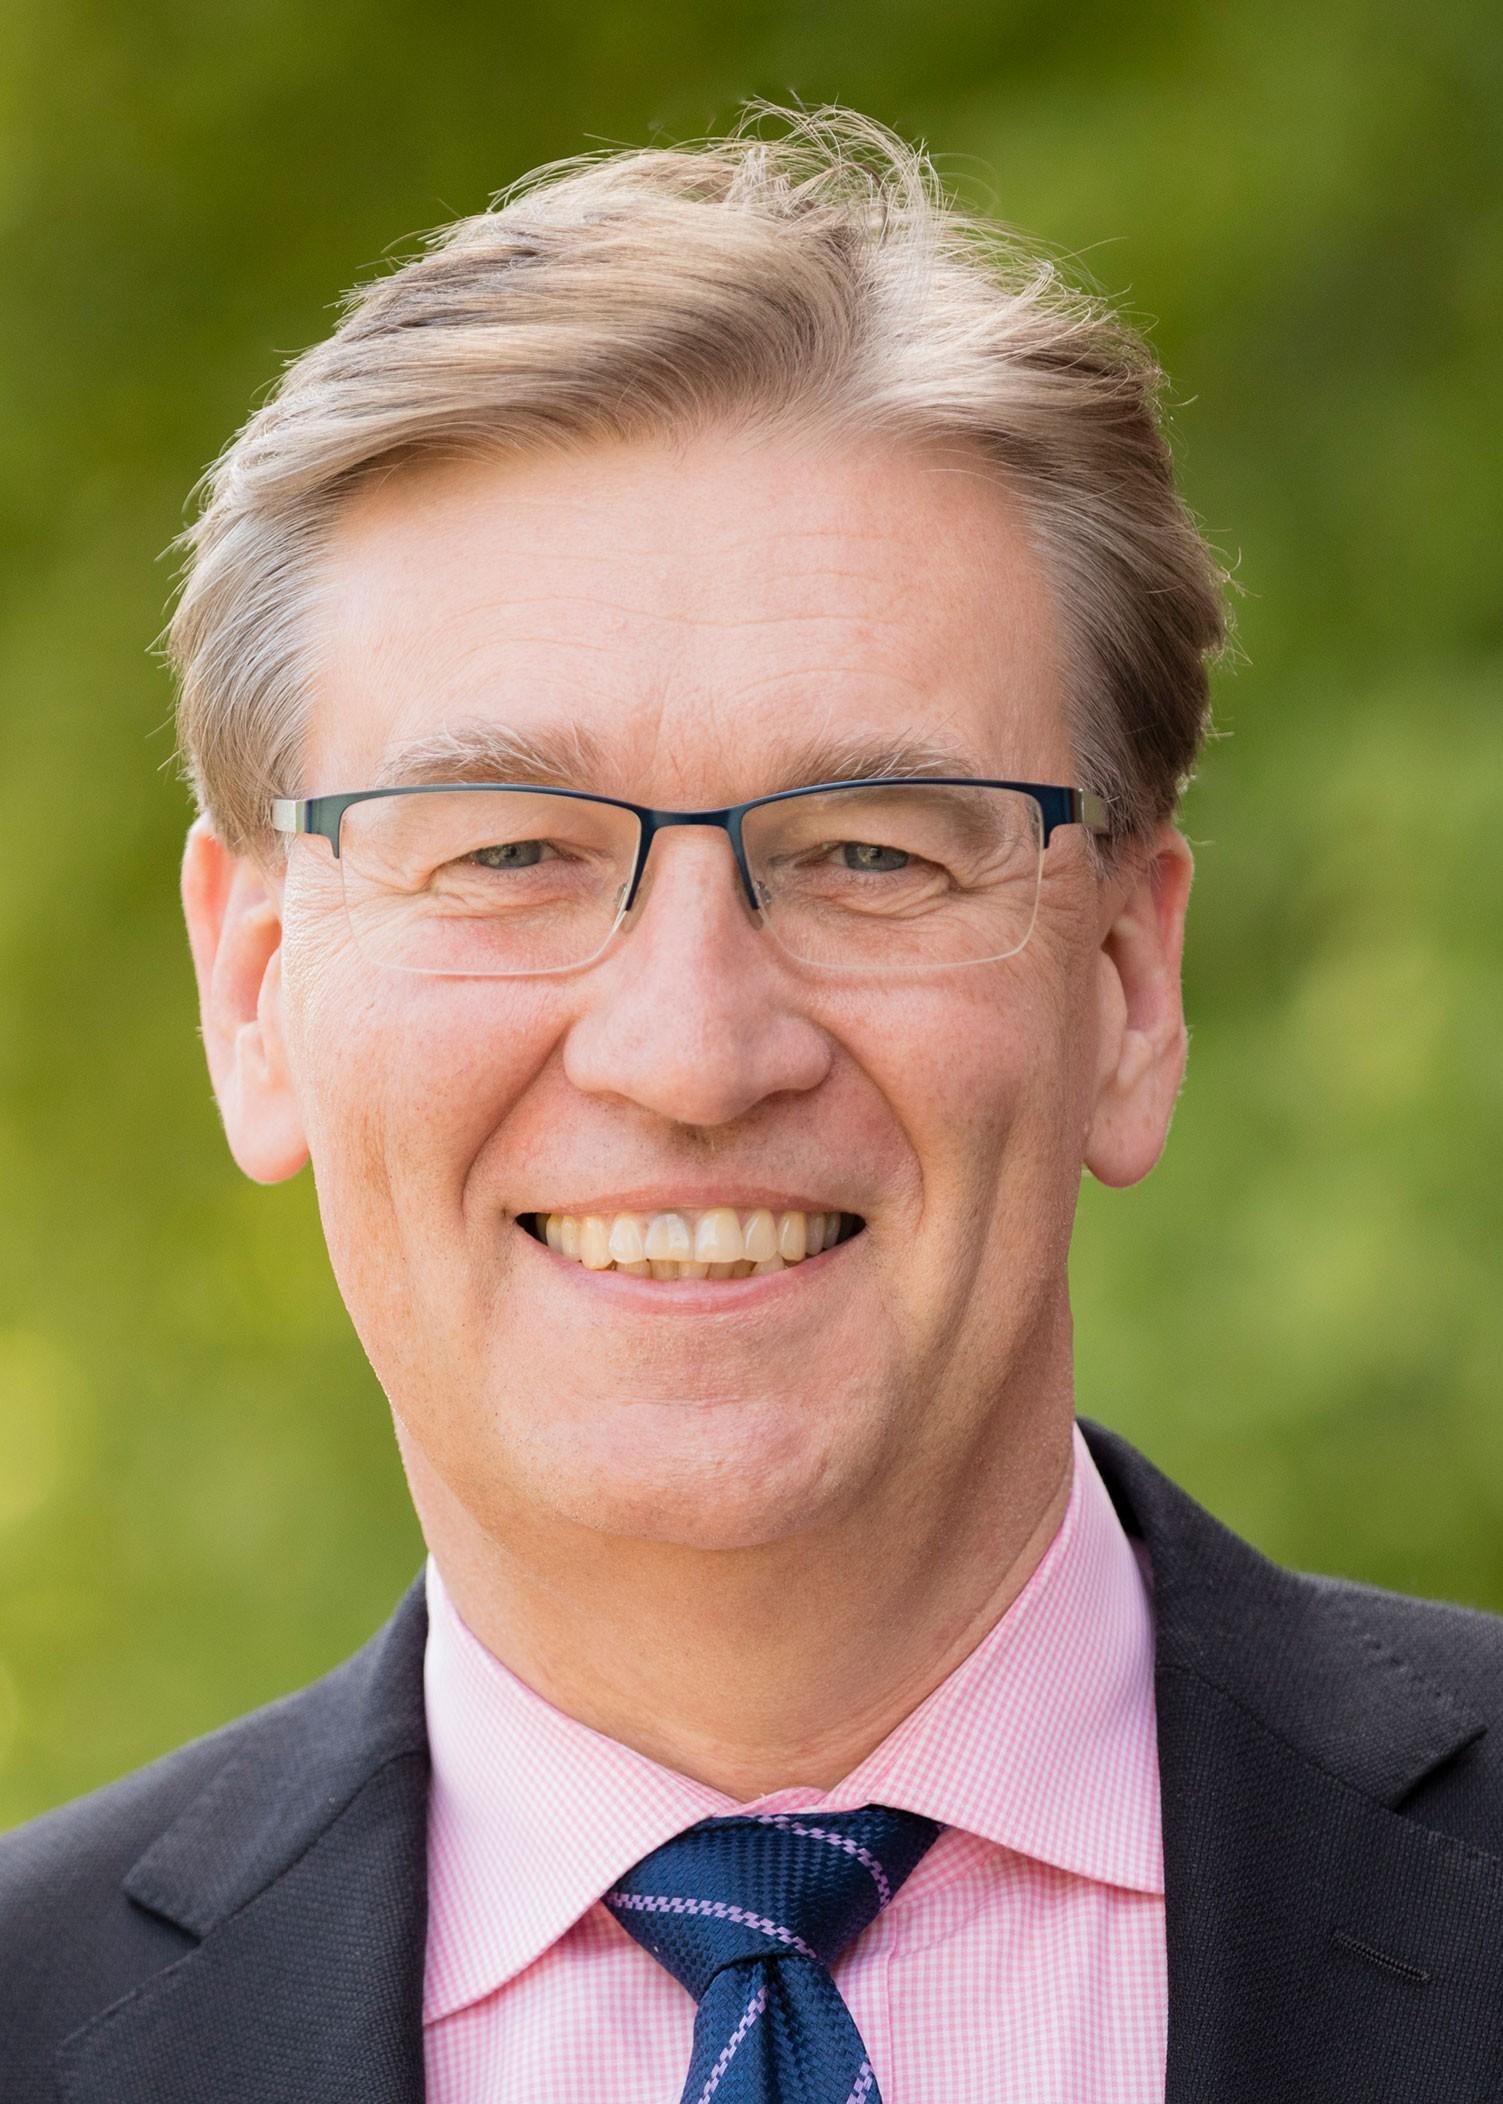 Prof. Dr. med. Carsten Bokemeyer